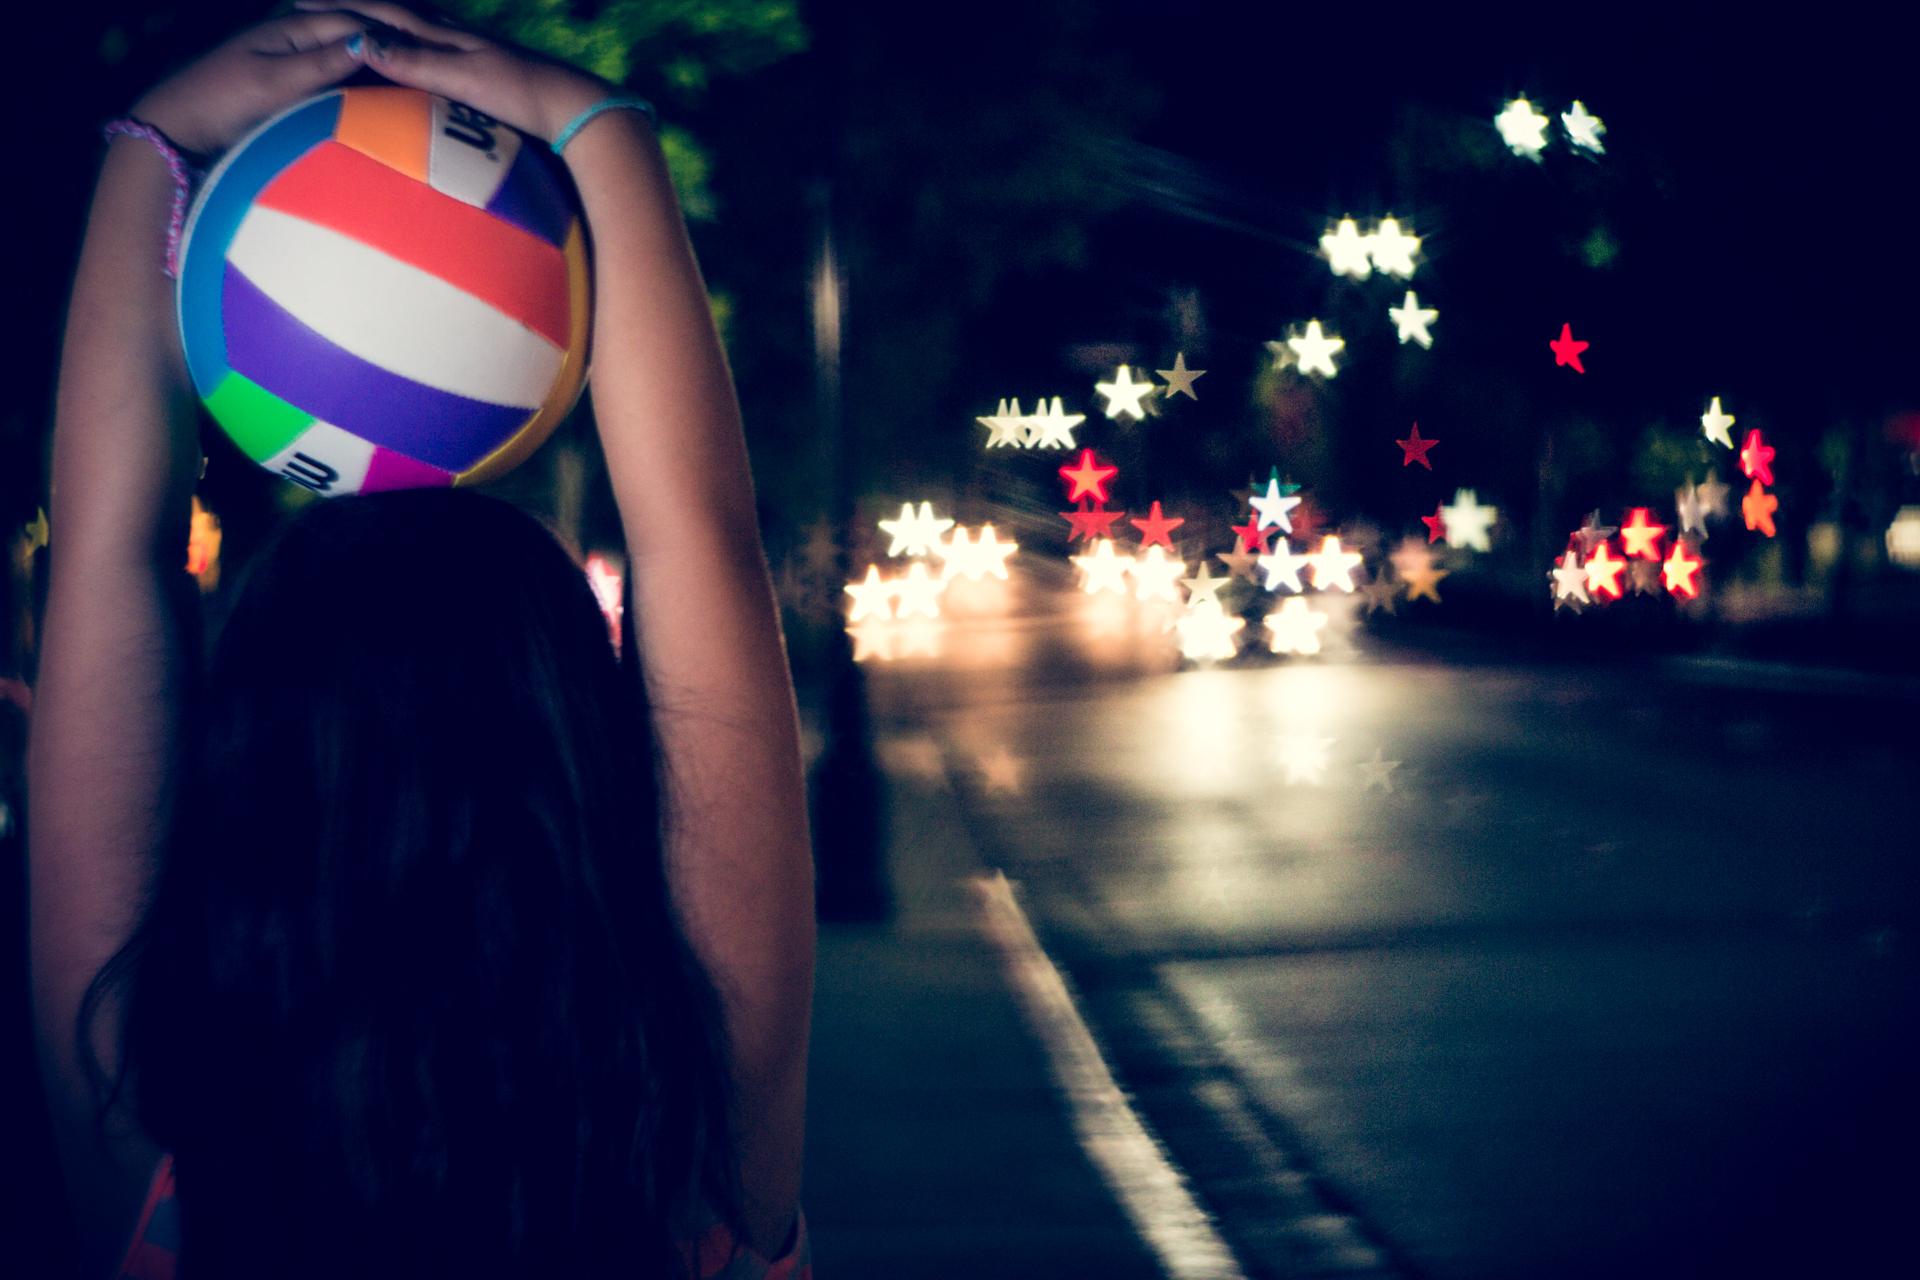 Petzval_Lens_Bokeh_Volleyball_Bay_Area_Photographer_006.jpg